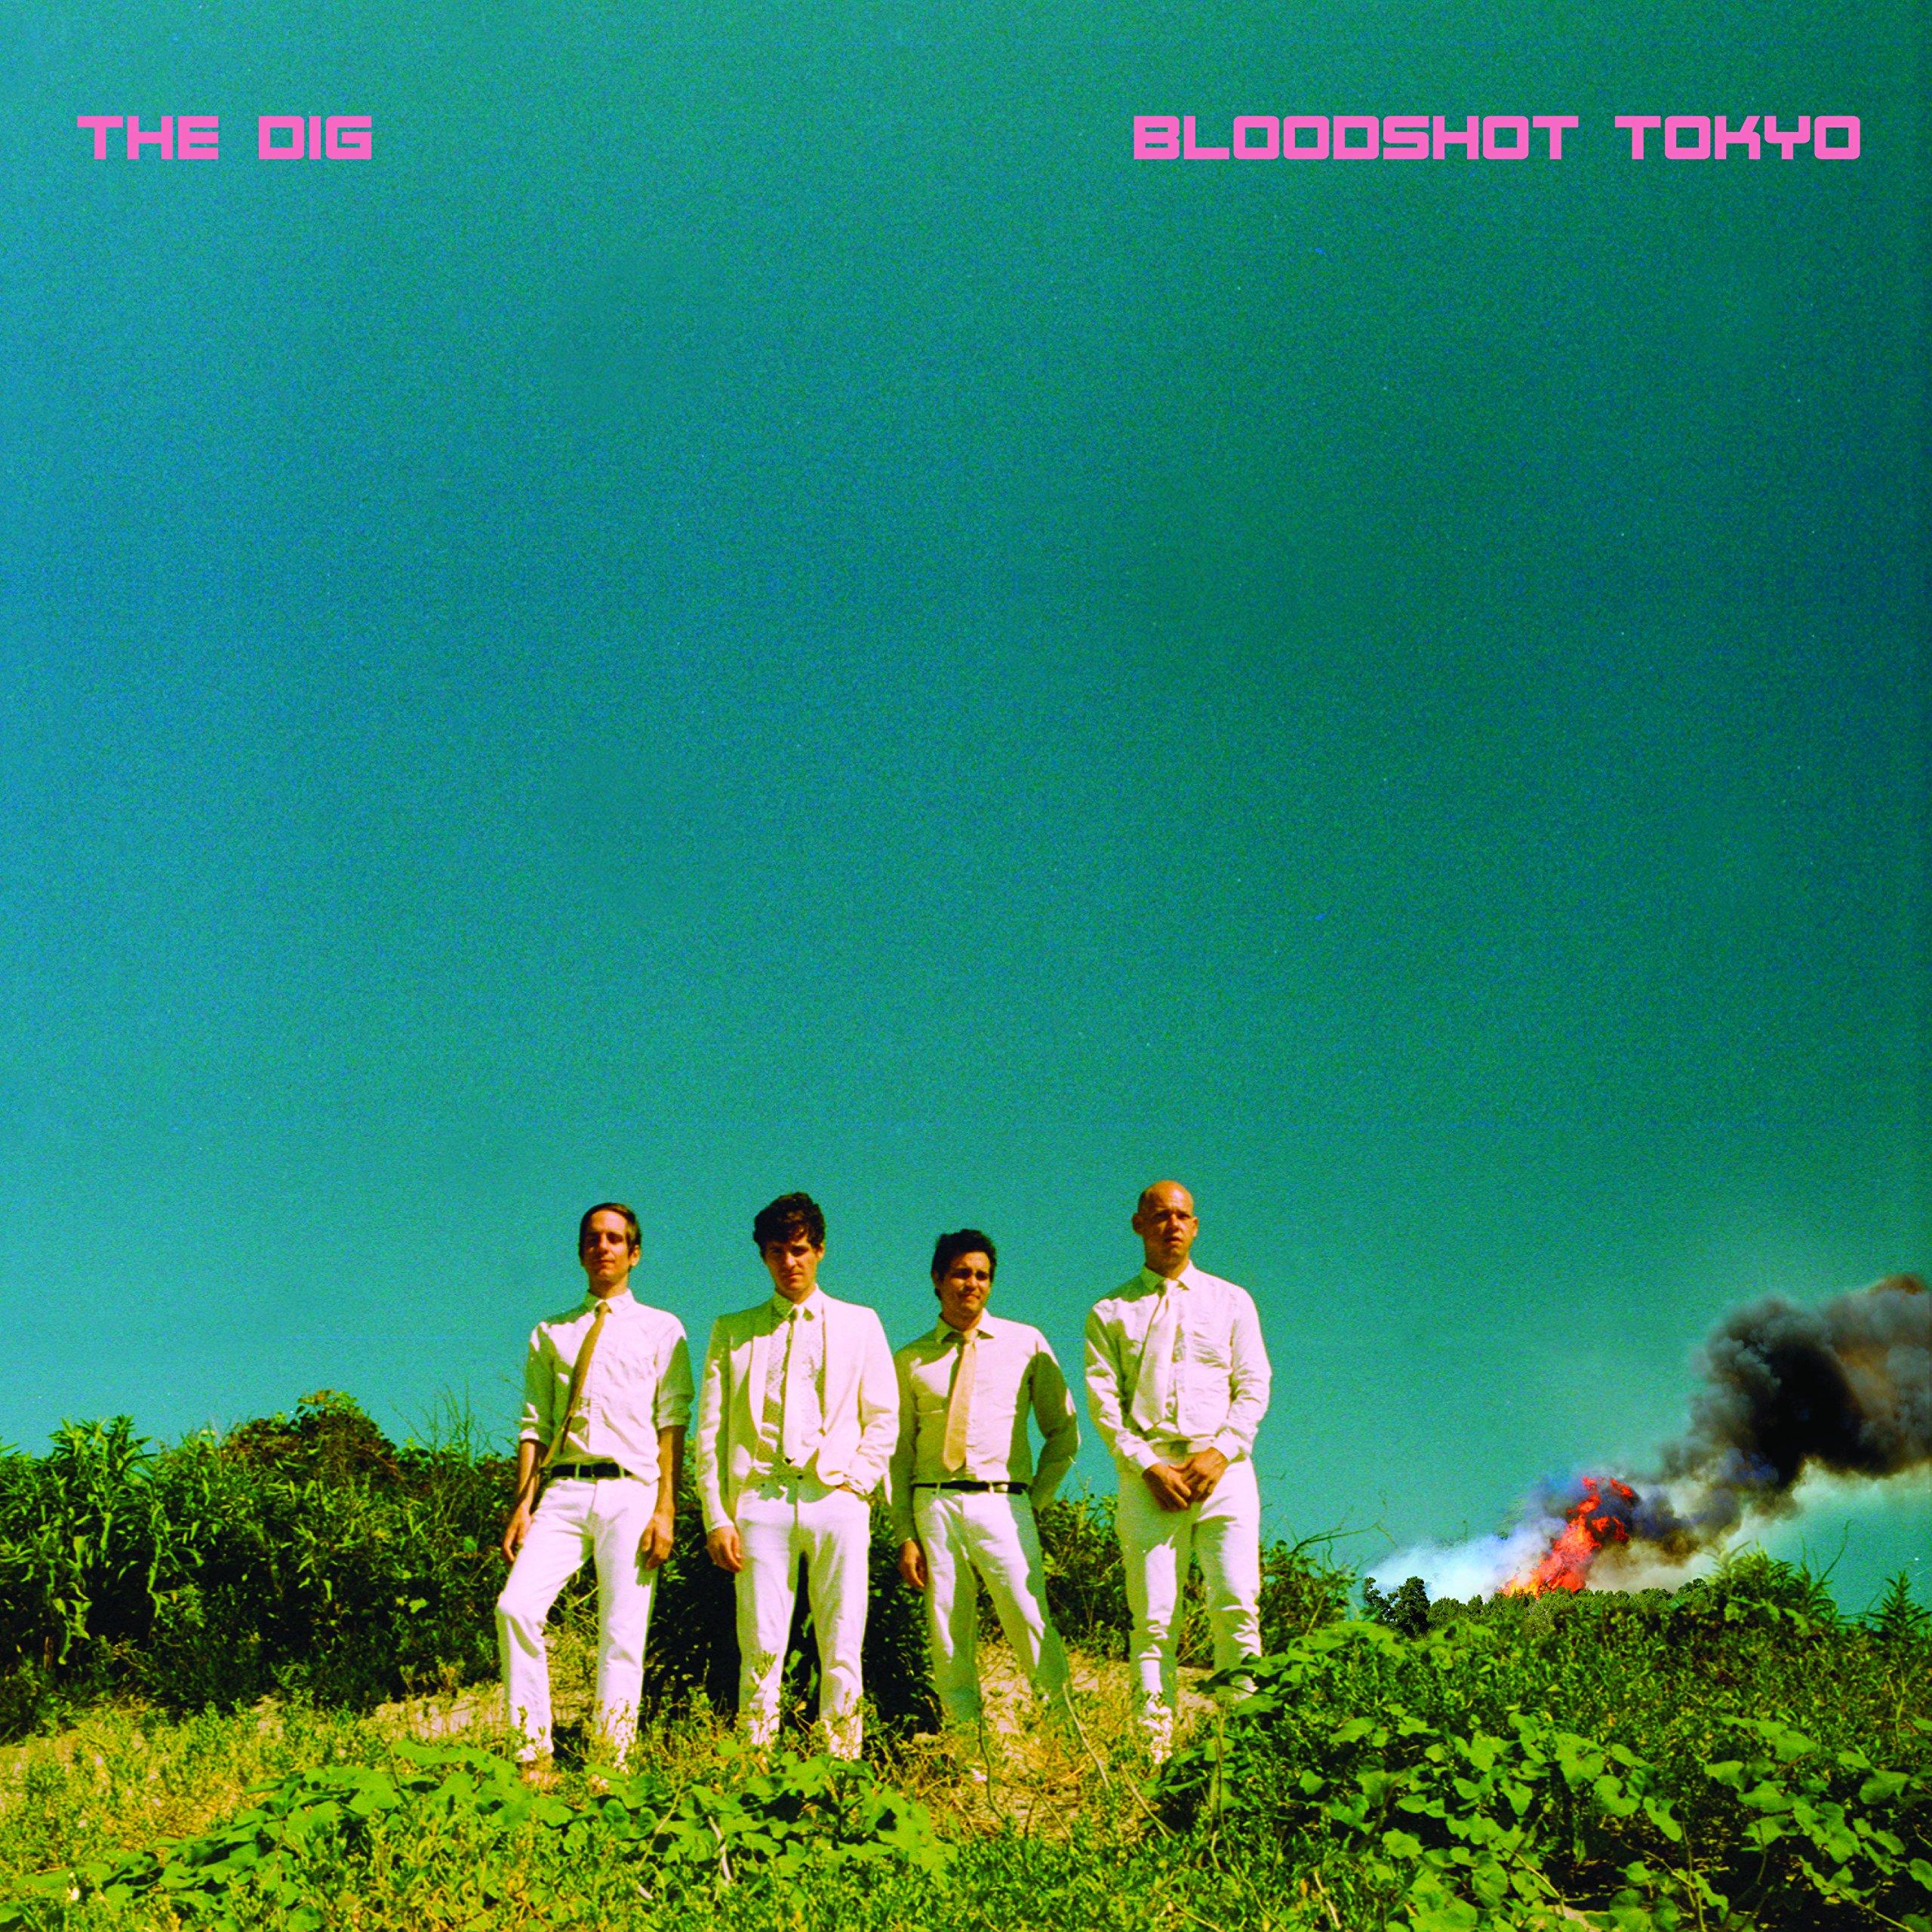 DIG - BLOODSHOT TOKYO (DLCD)